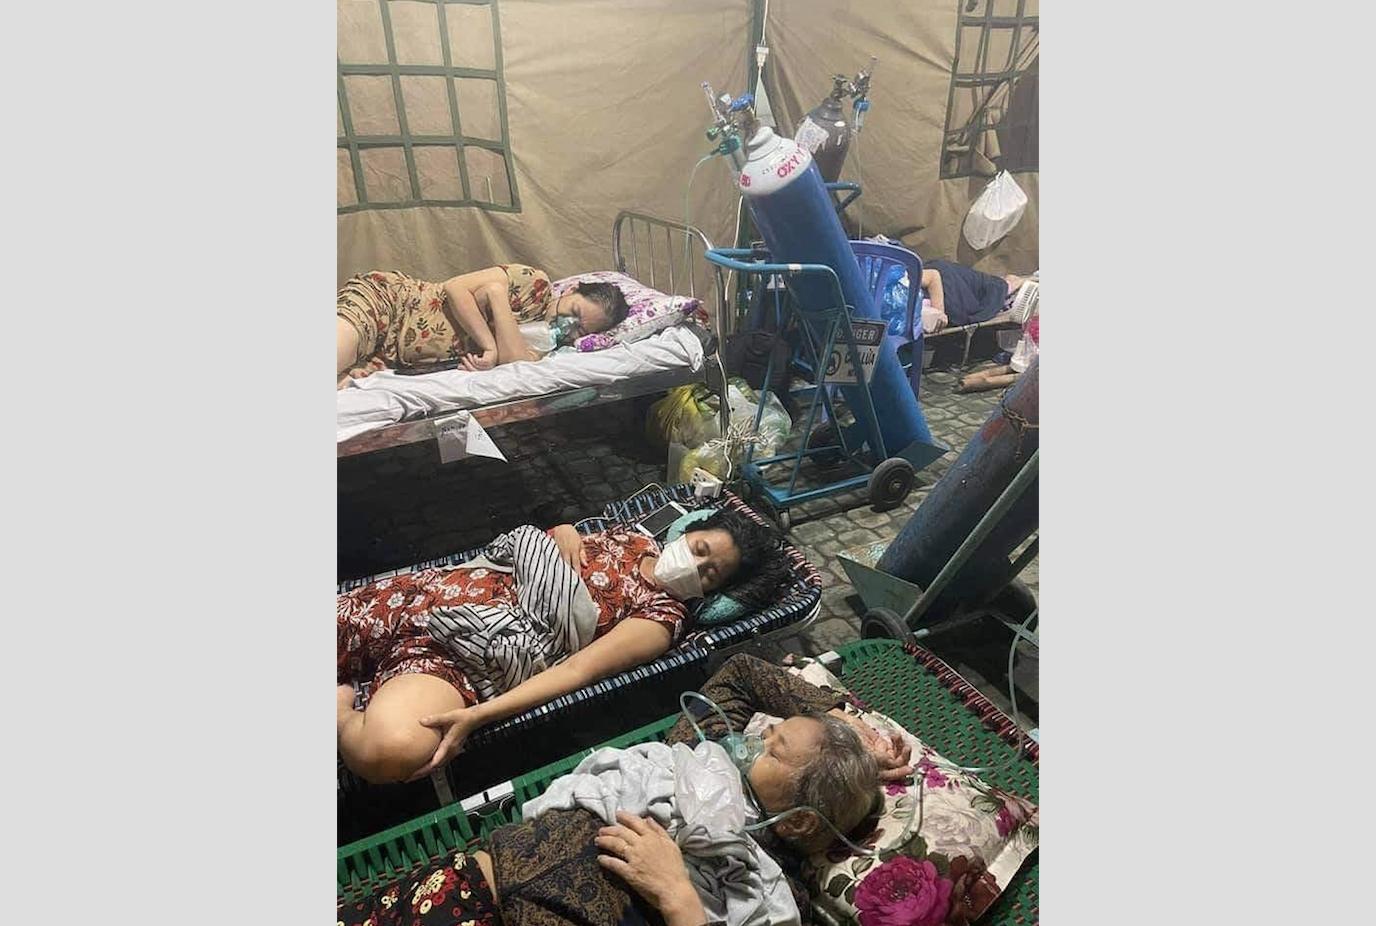 Nhân viên y tế bệnh viện điều trị COVID-19 tuyên bố nghỉ vì thiếu thiết bị y tế và lãnh đạo bệnh viện không dám đi khảo sát bệnh